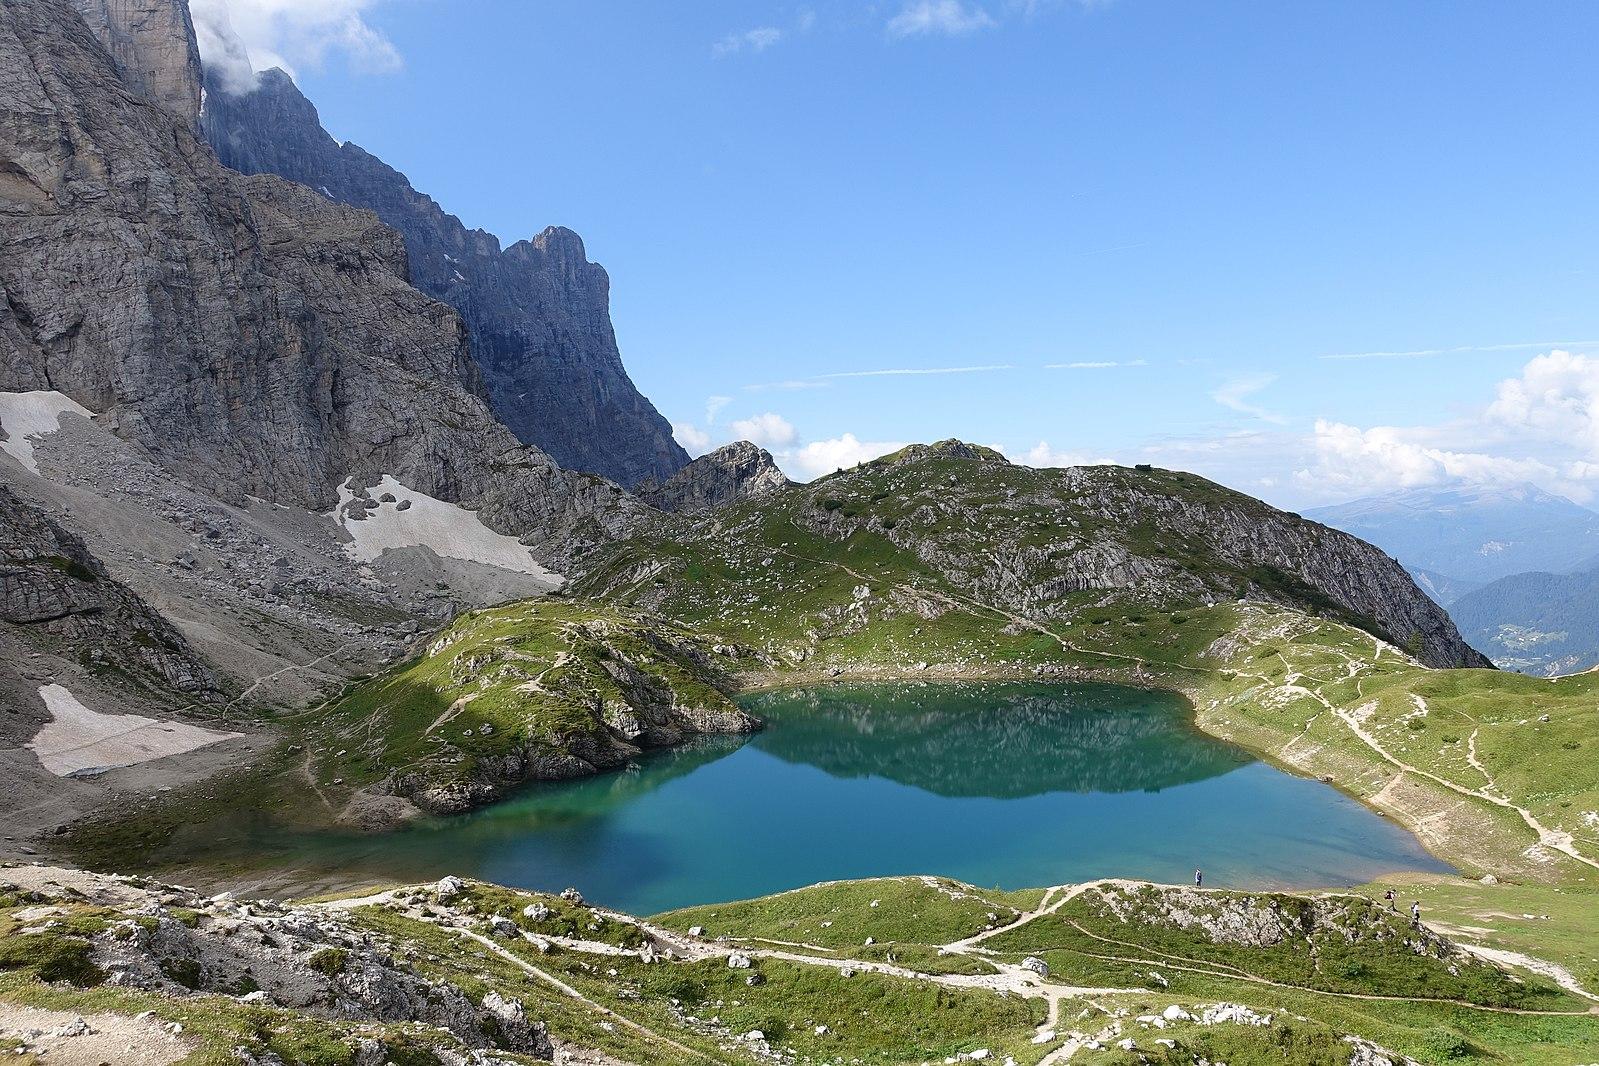 【義大利】健行在阿爾卑斯的絕美秘境:多洛米提山脈 (The Dolomites) 行程規劃全攻略 33